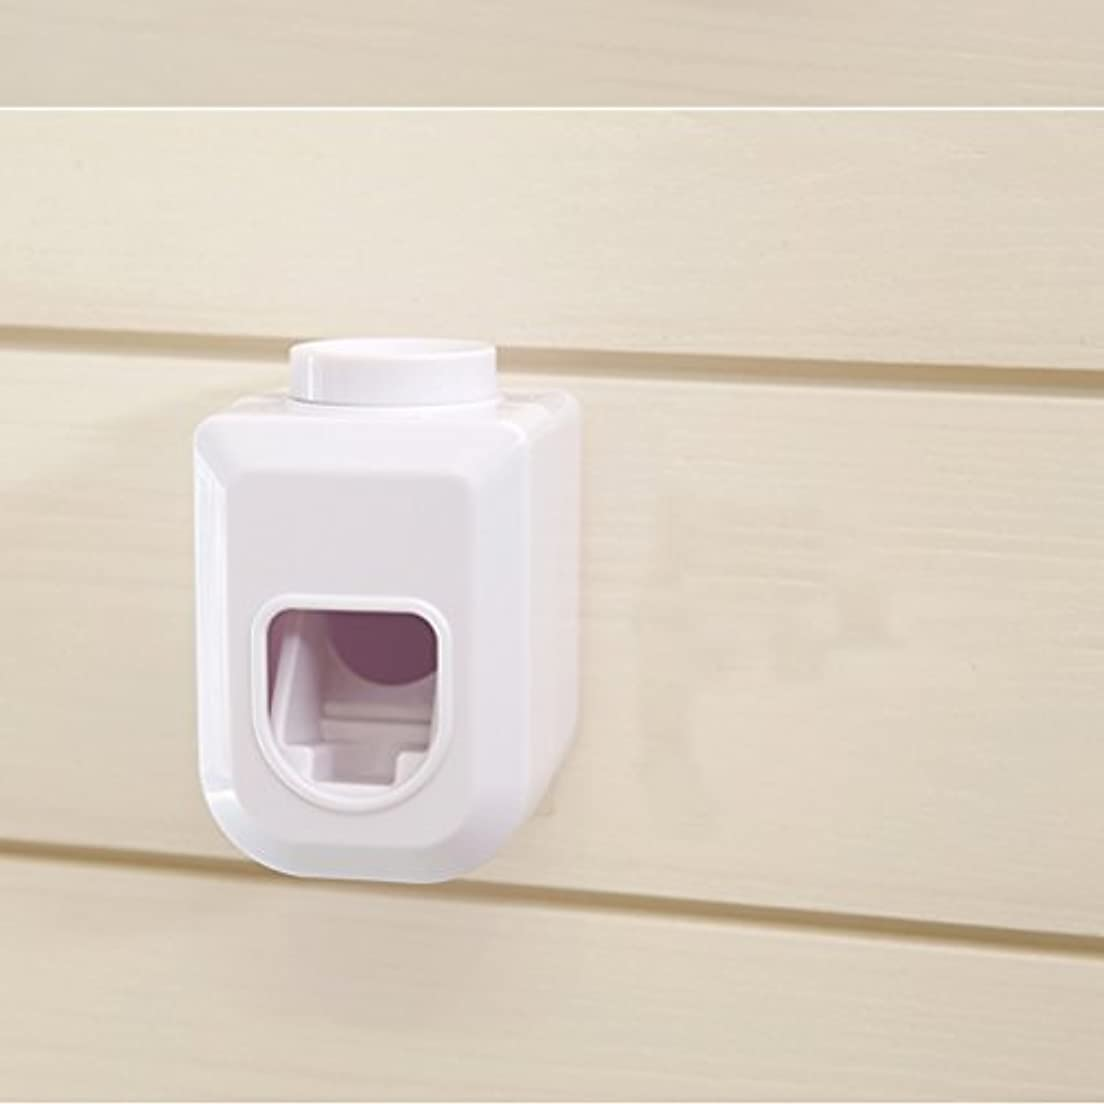 照らす限られた誓いBESTOMZ ハンズフリー歯磨き粉スクイーザー, ウォールマウント自動防塵練り歯磨き粉ディスペンサー白